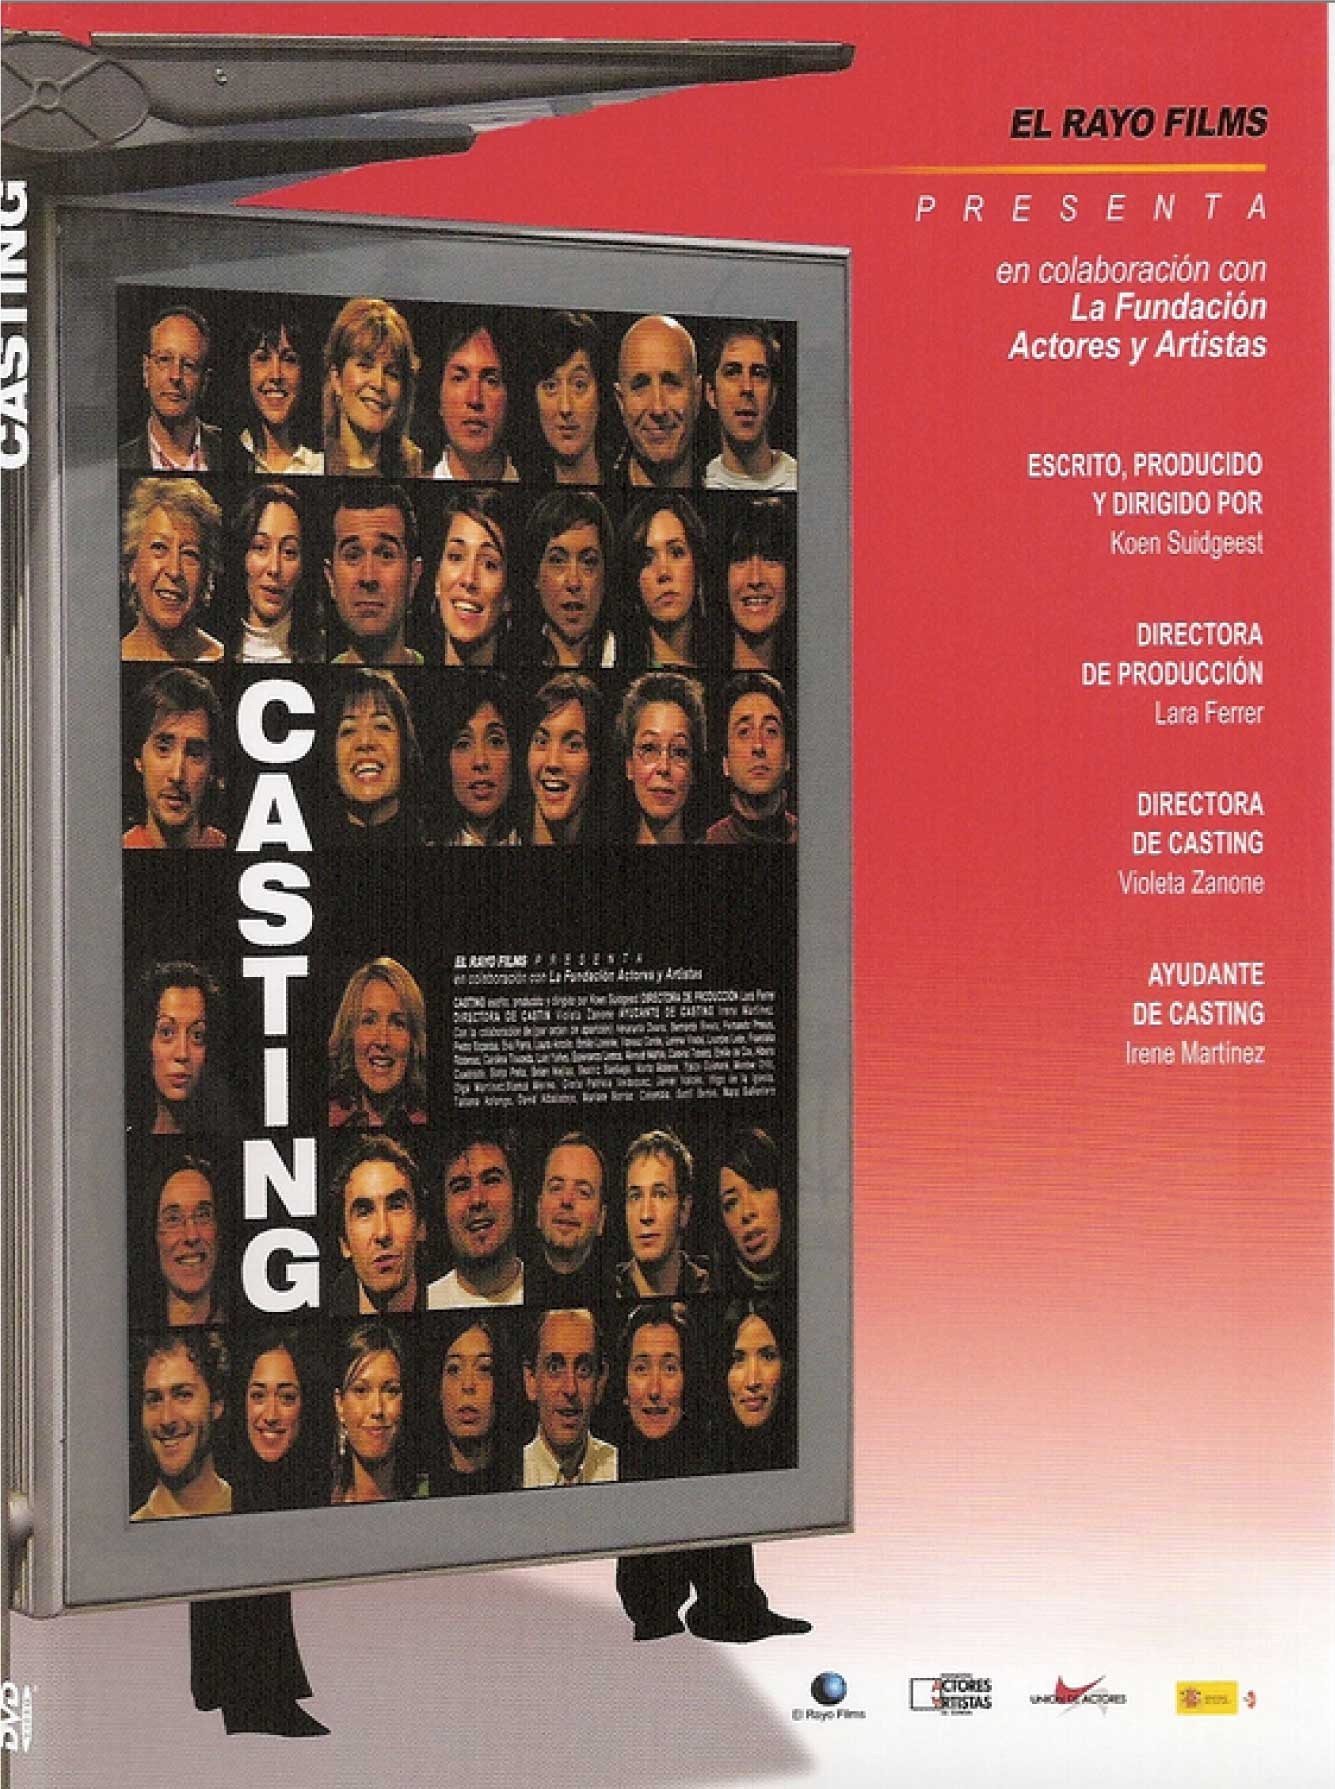 Cartel de estreno de Casting